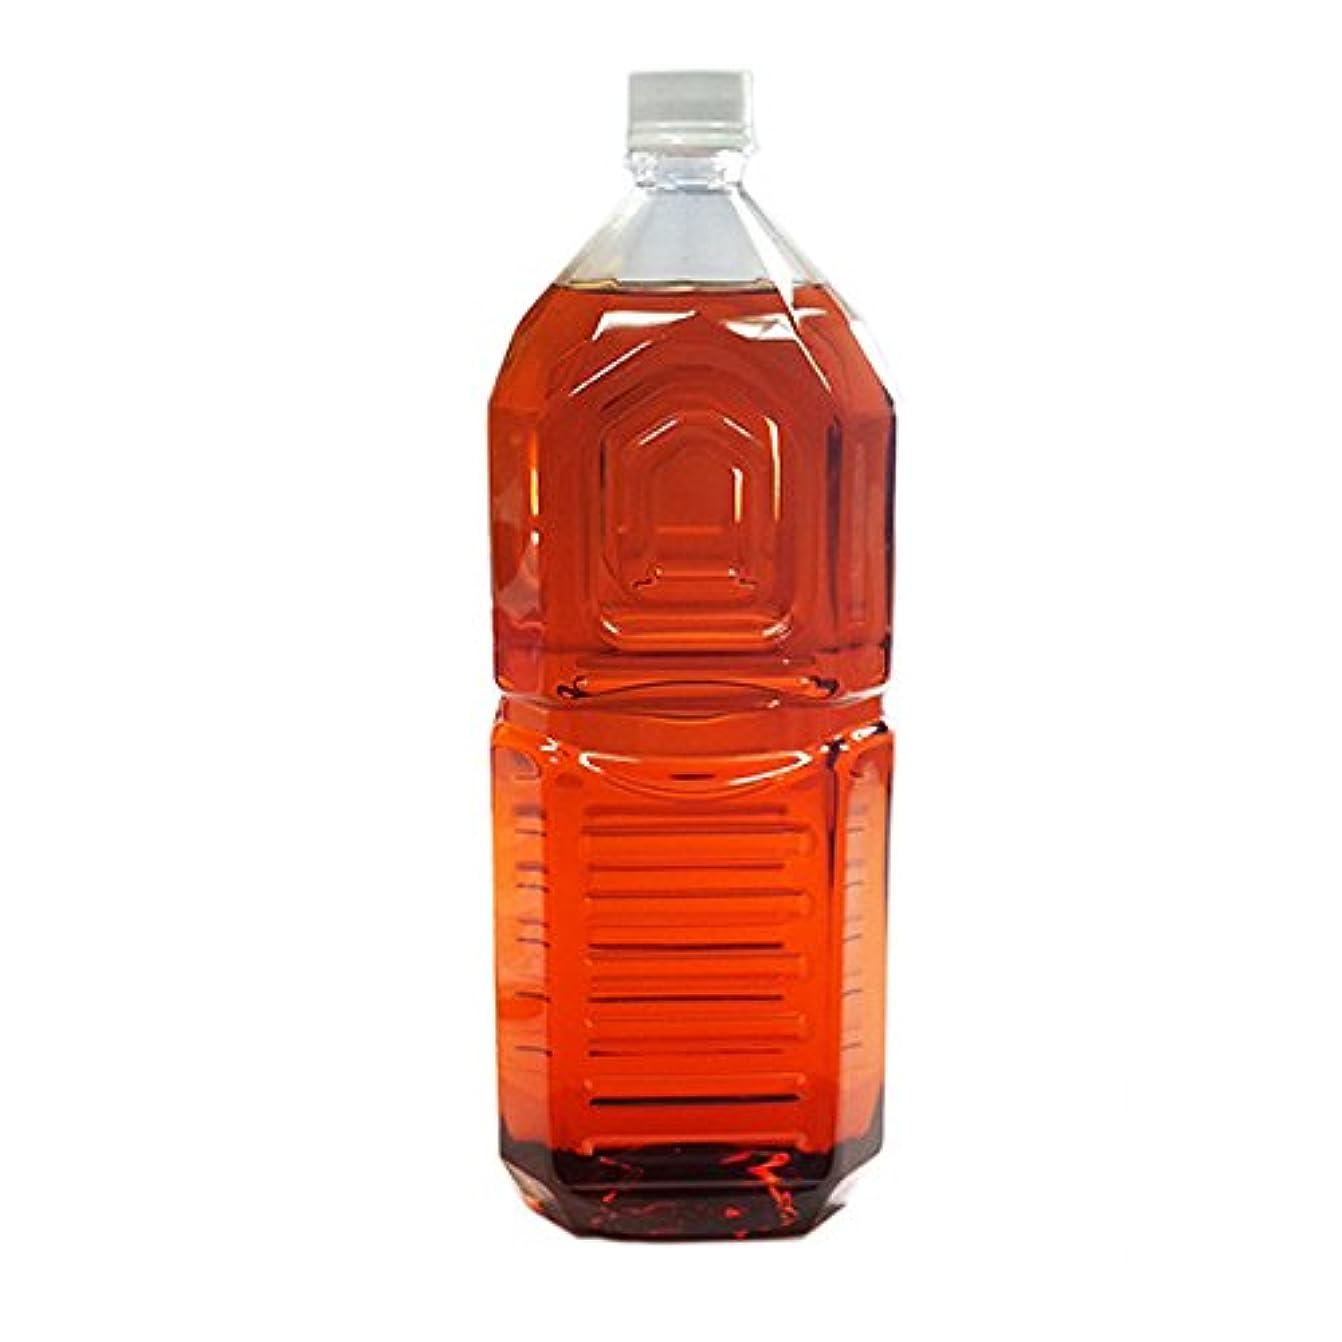 陪審家具旅行者木酢液 6L(国産?原液100%?3年熟成)紀州の姥目樫のみ使用 もく酢 もくす もくさく 木酢